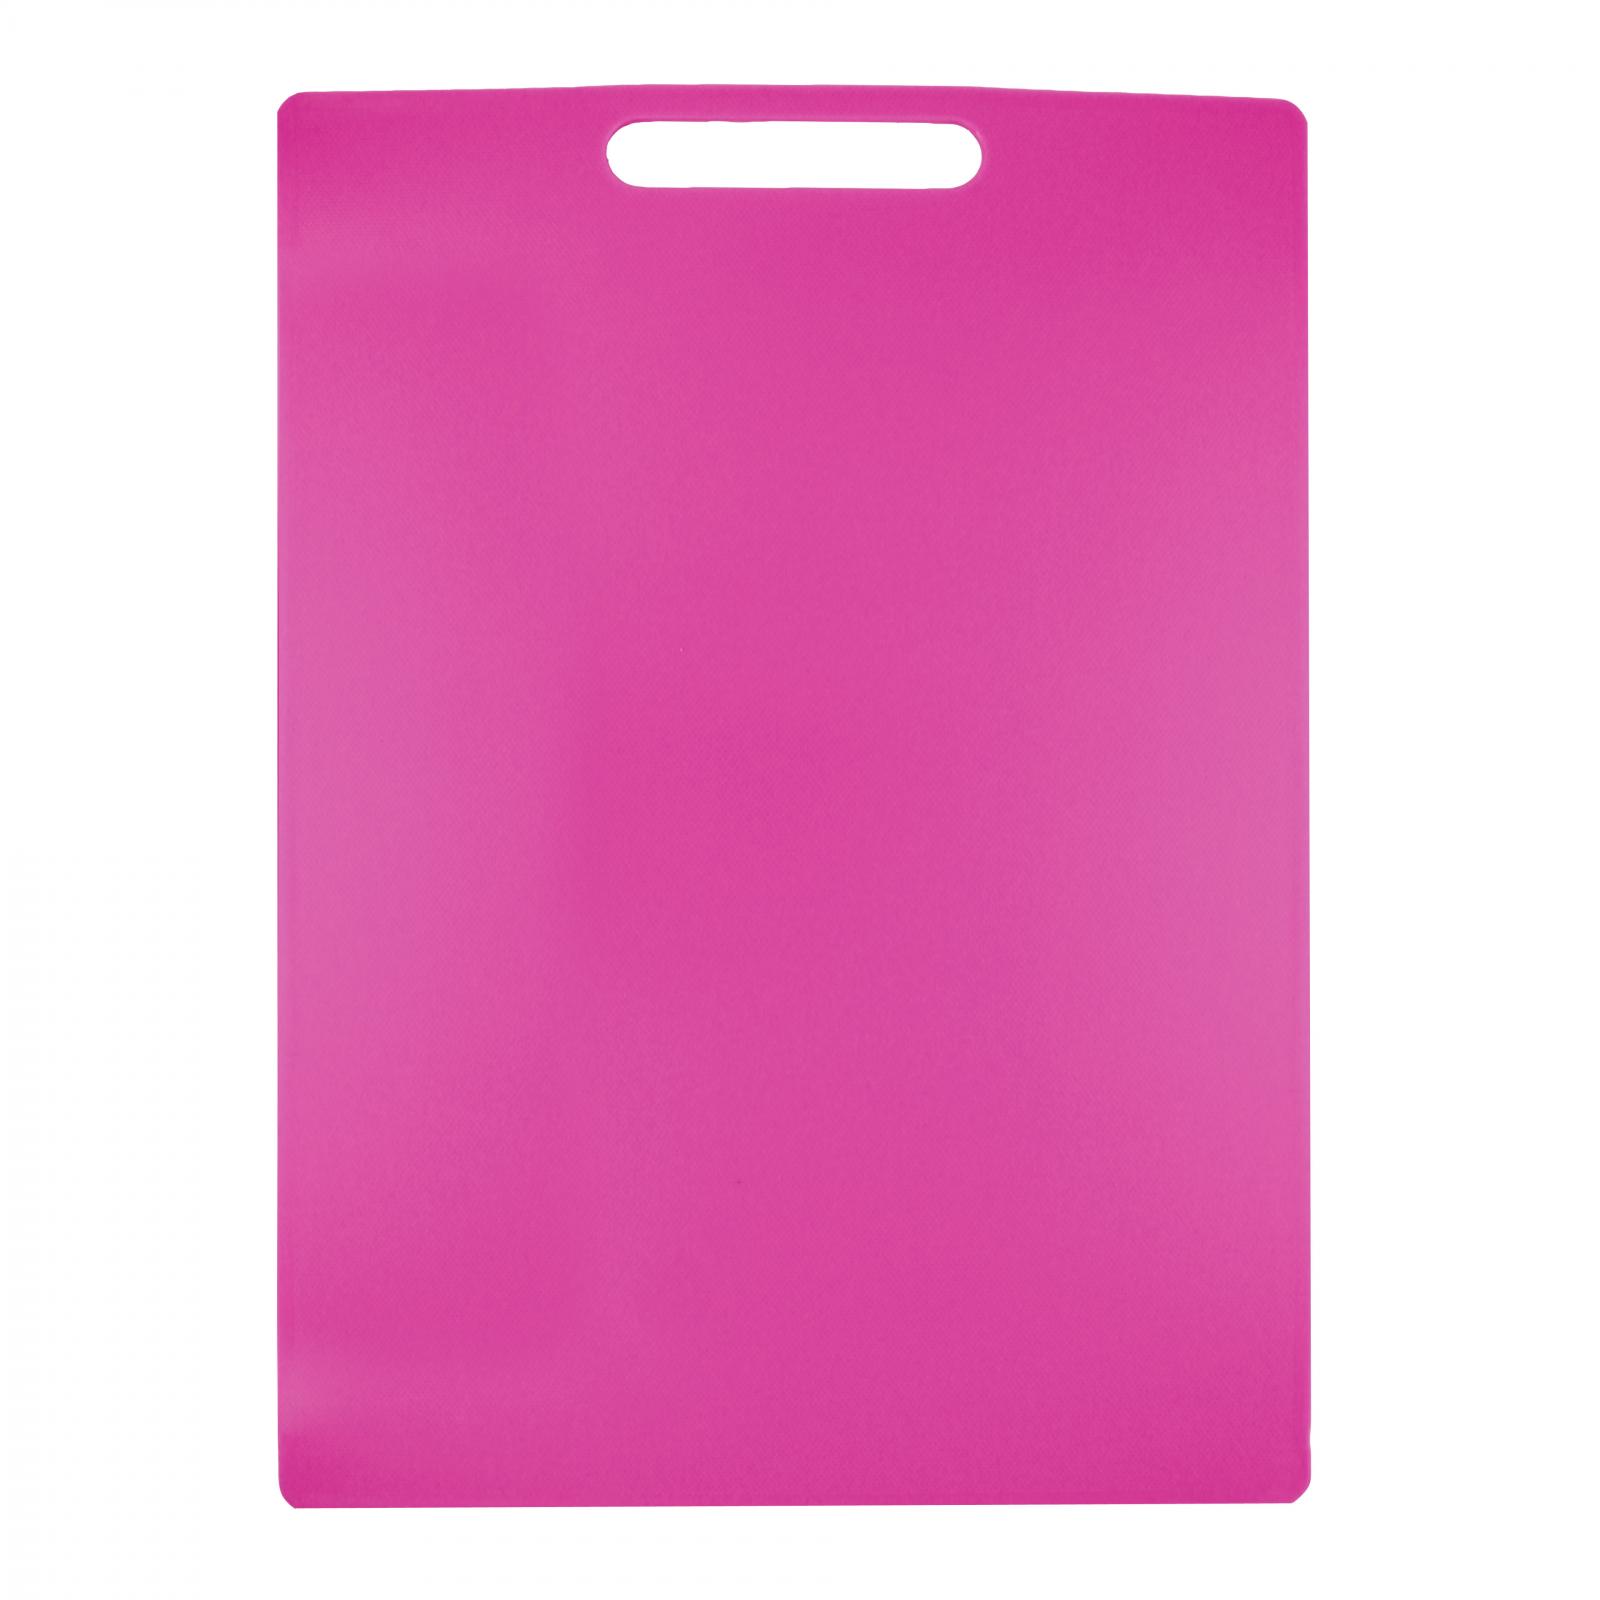 Home Essentials Kitchen Cutting Board 10.8 x 15 Inch - Pink